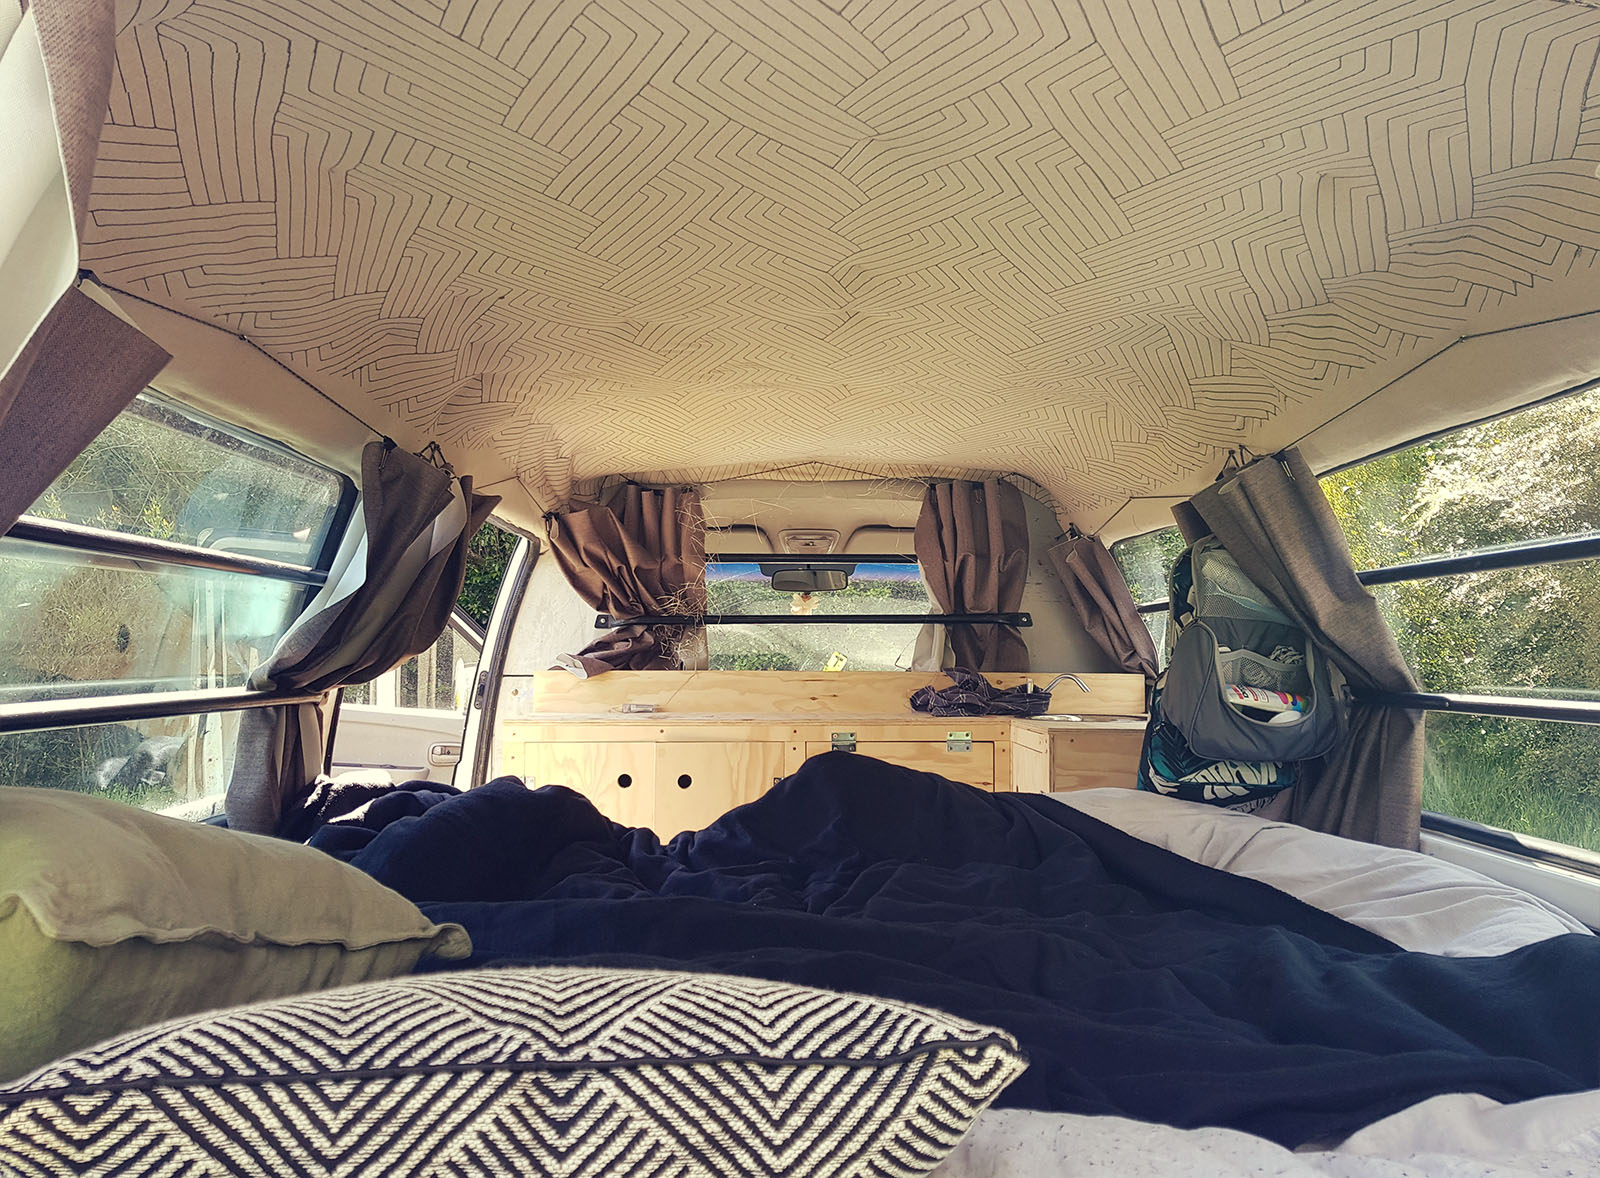 Camper eingerichtet von innen mit Kissen und Bettwäsche